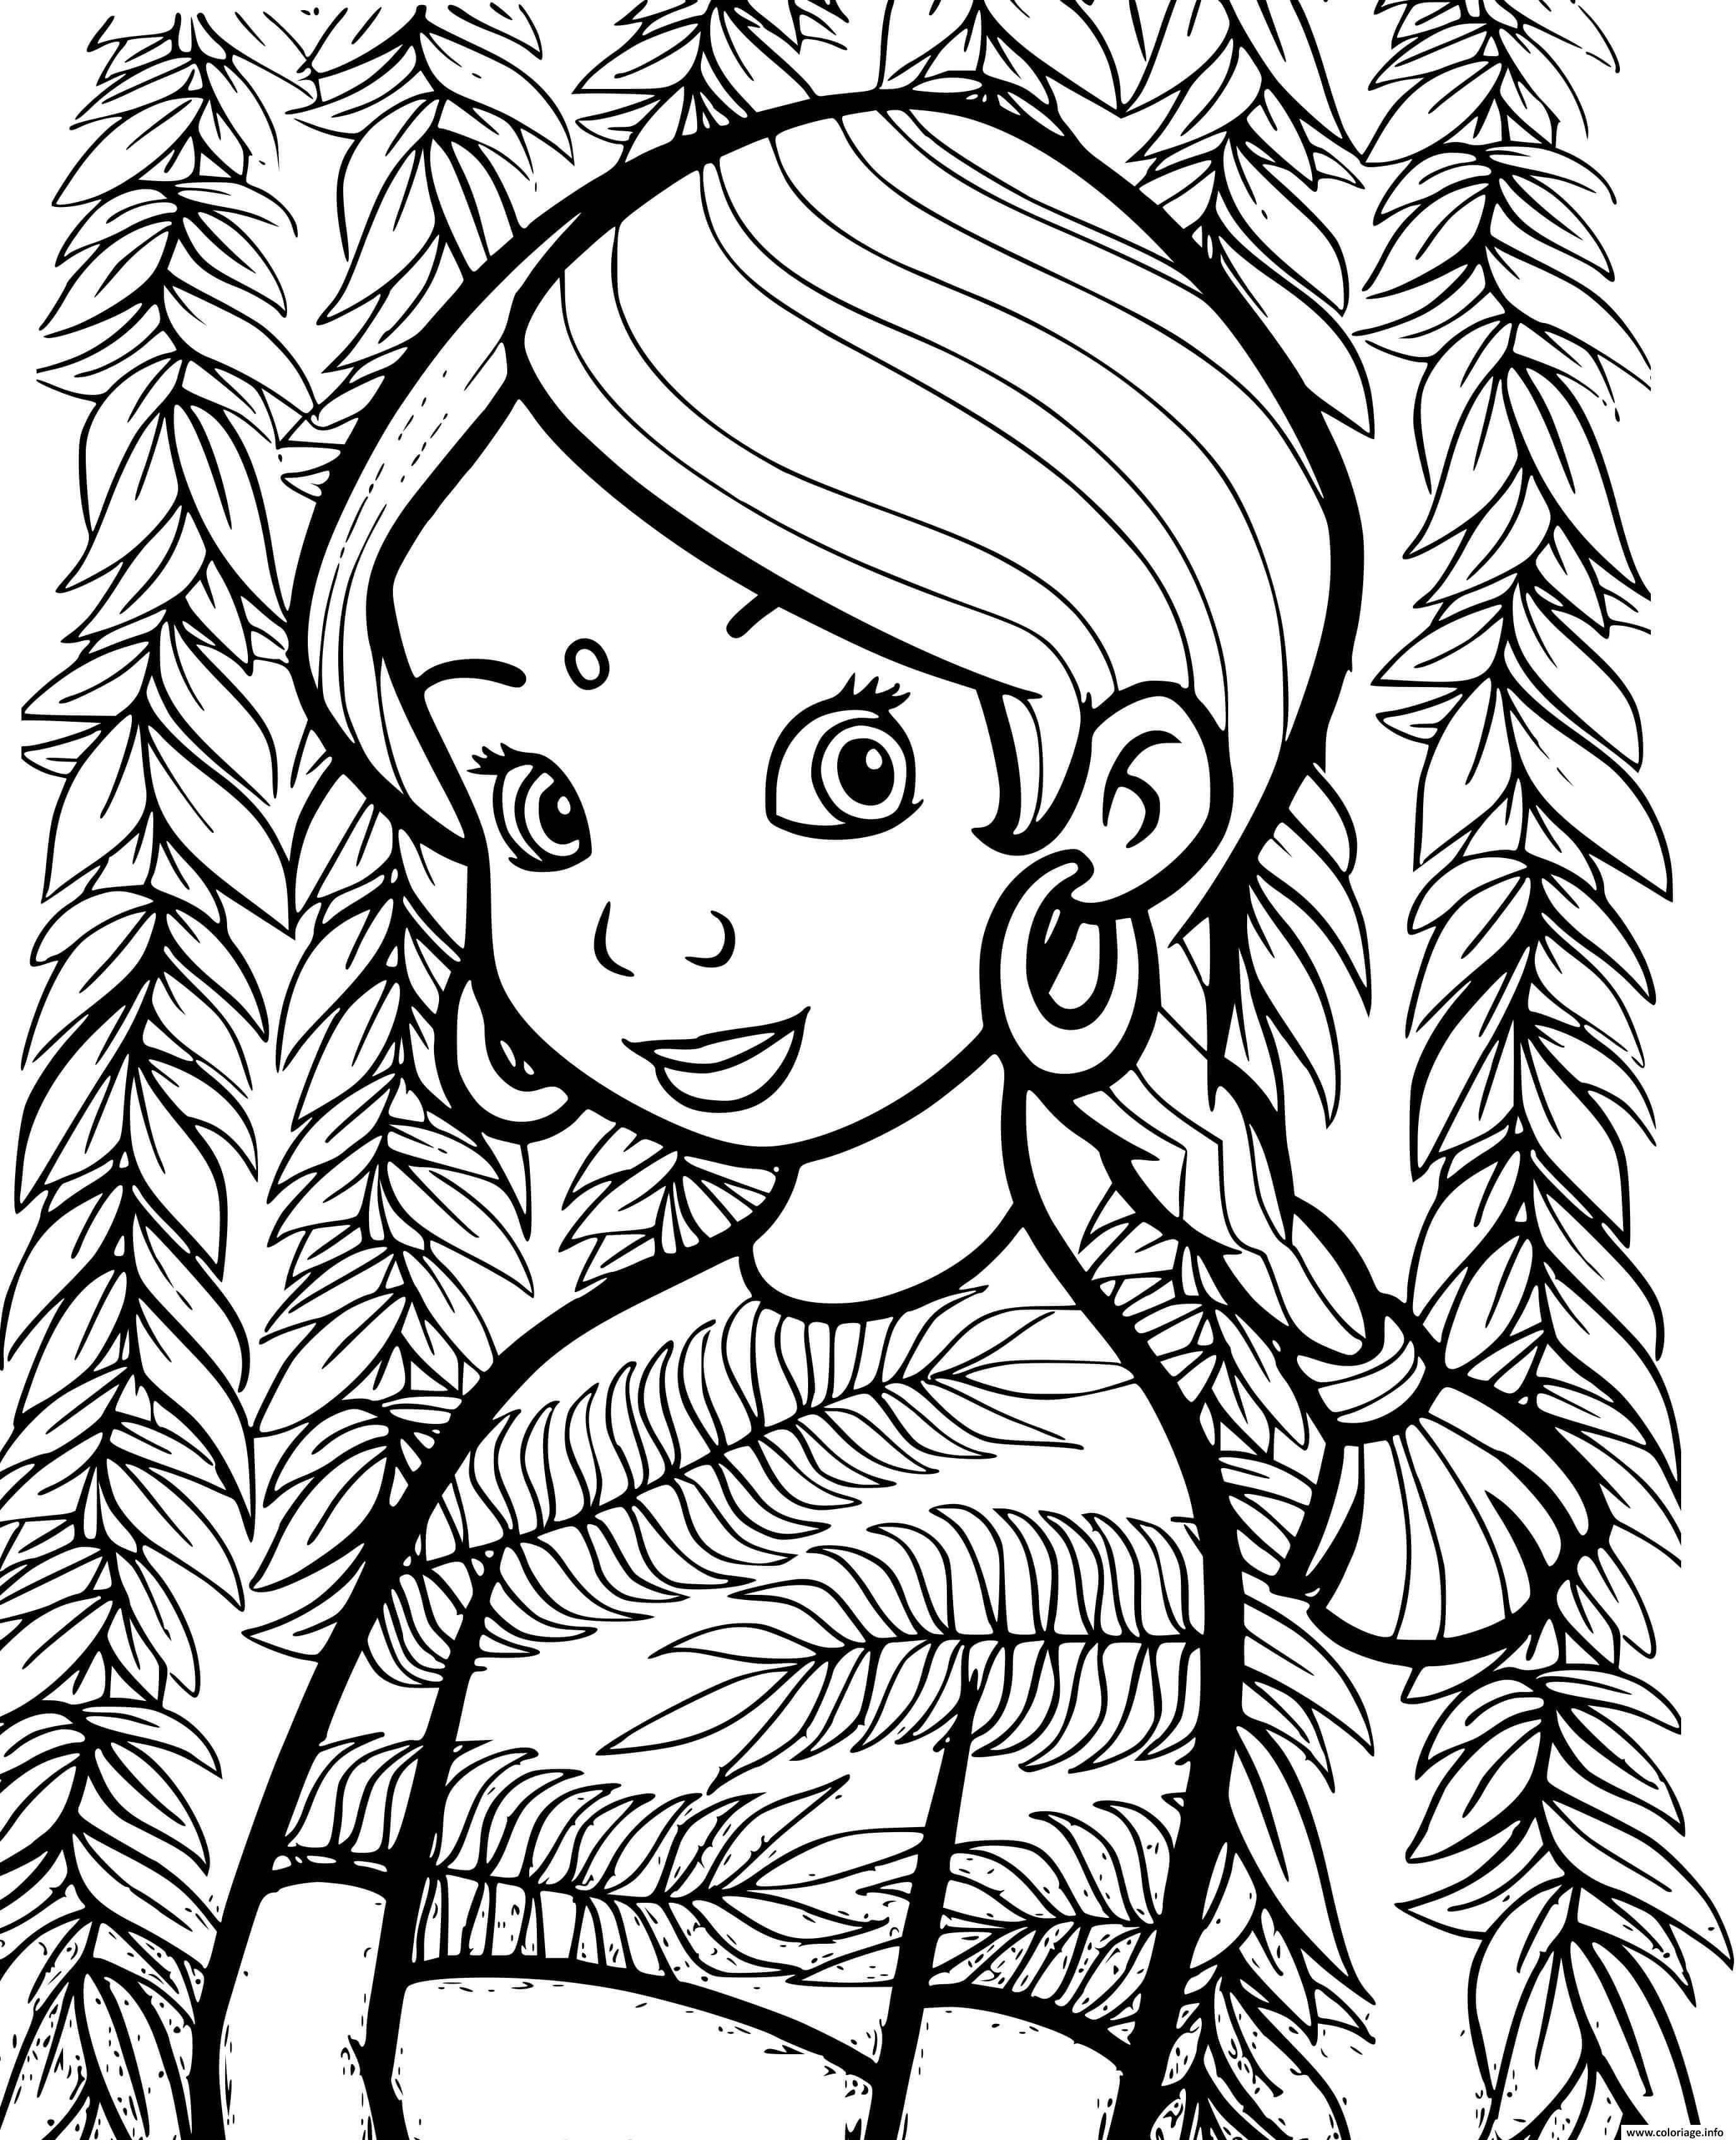 Dessin jolie fille indienne avec une belle robe Coloriage Gratuit à Imprimer